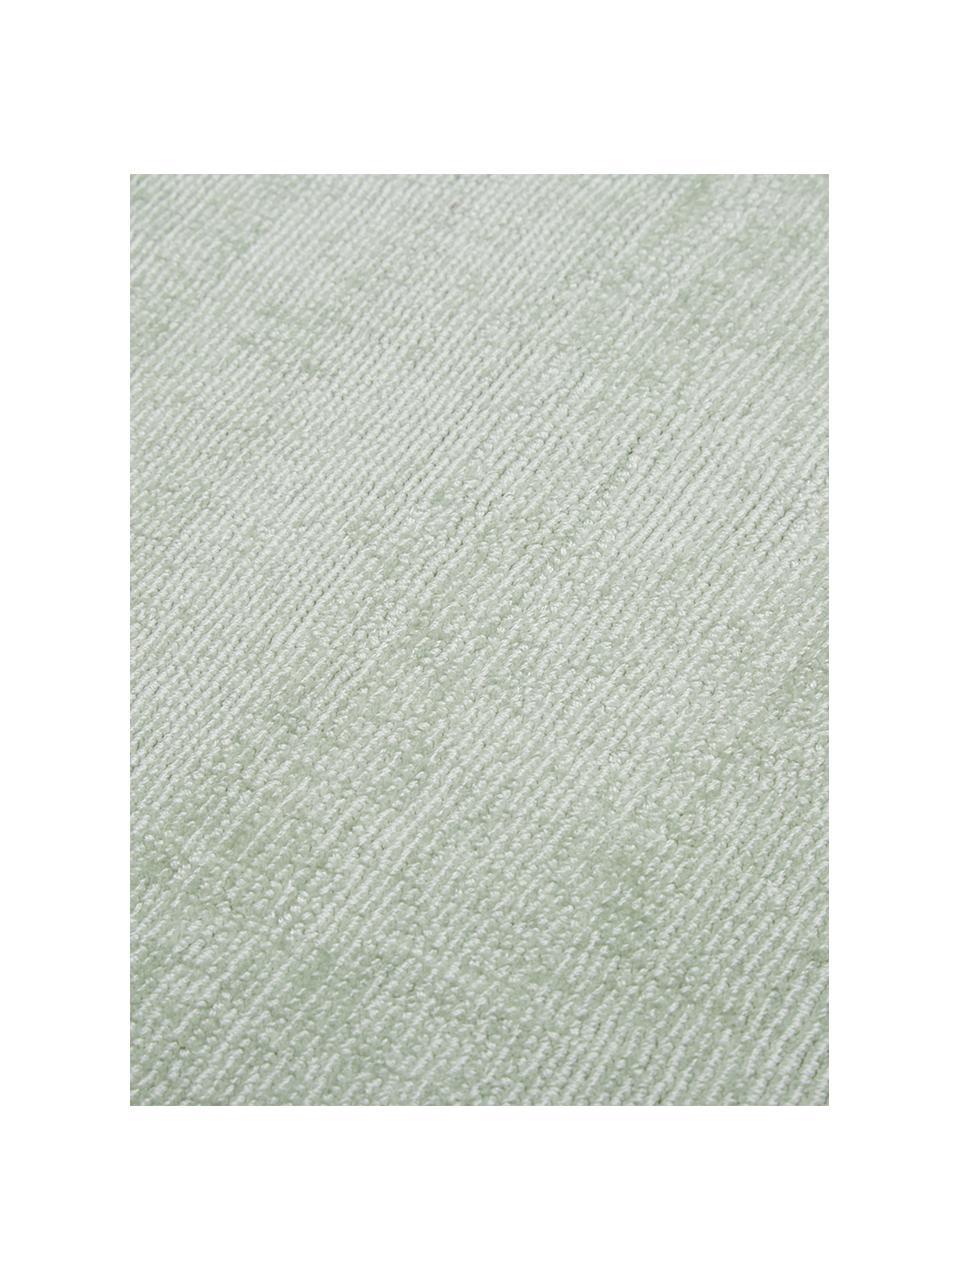 Tappeto in viscosa verde lime tessuto a mano Jane, Vello: 100% viscosa, Retro: 100% cotone, Verde lime, Larg.160 x Lung. 230 cm  (taglia M)